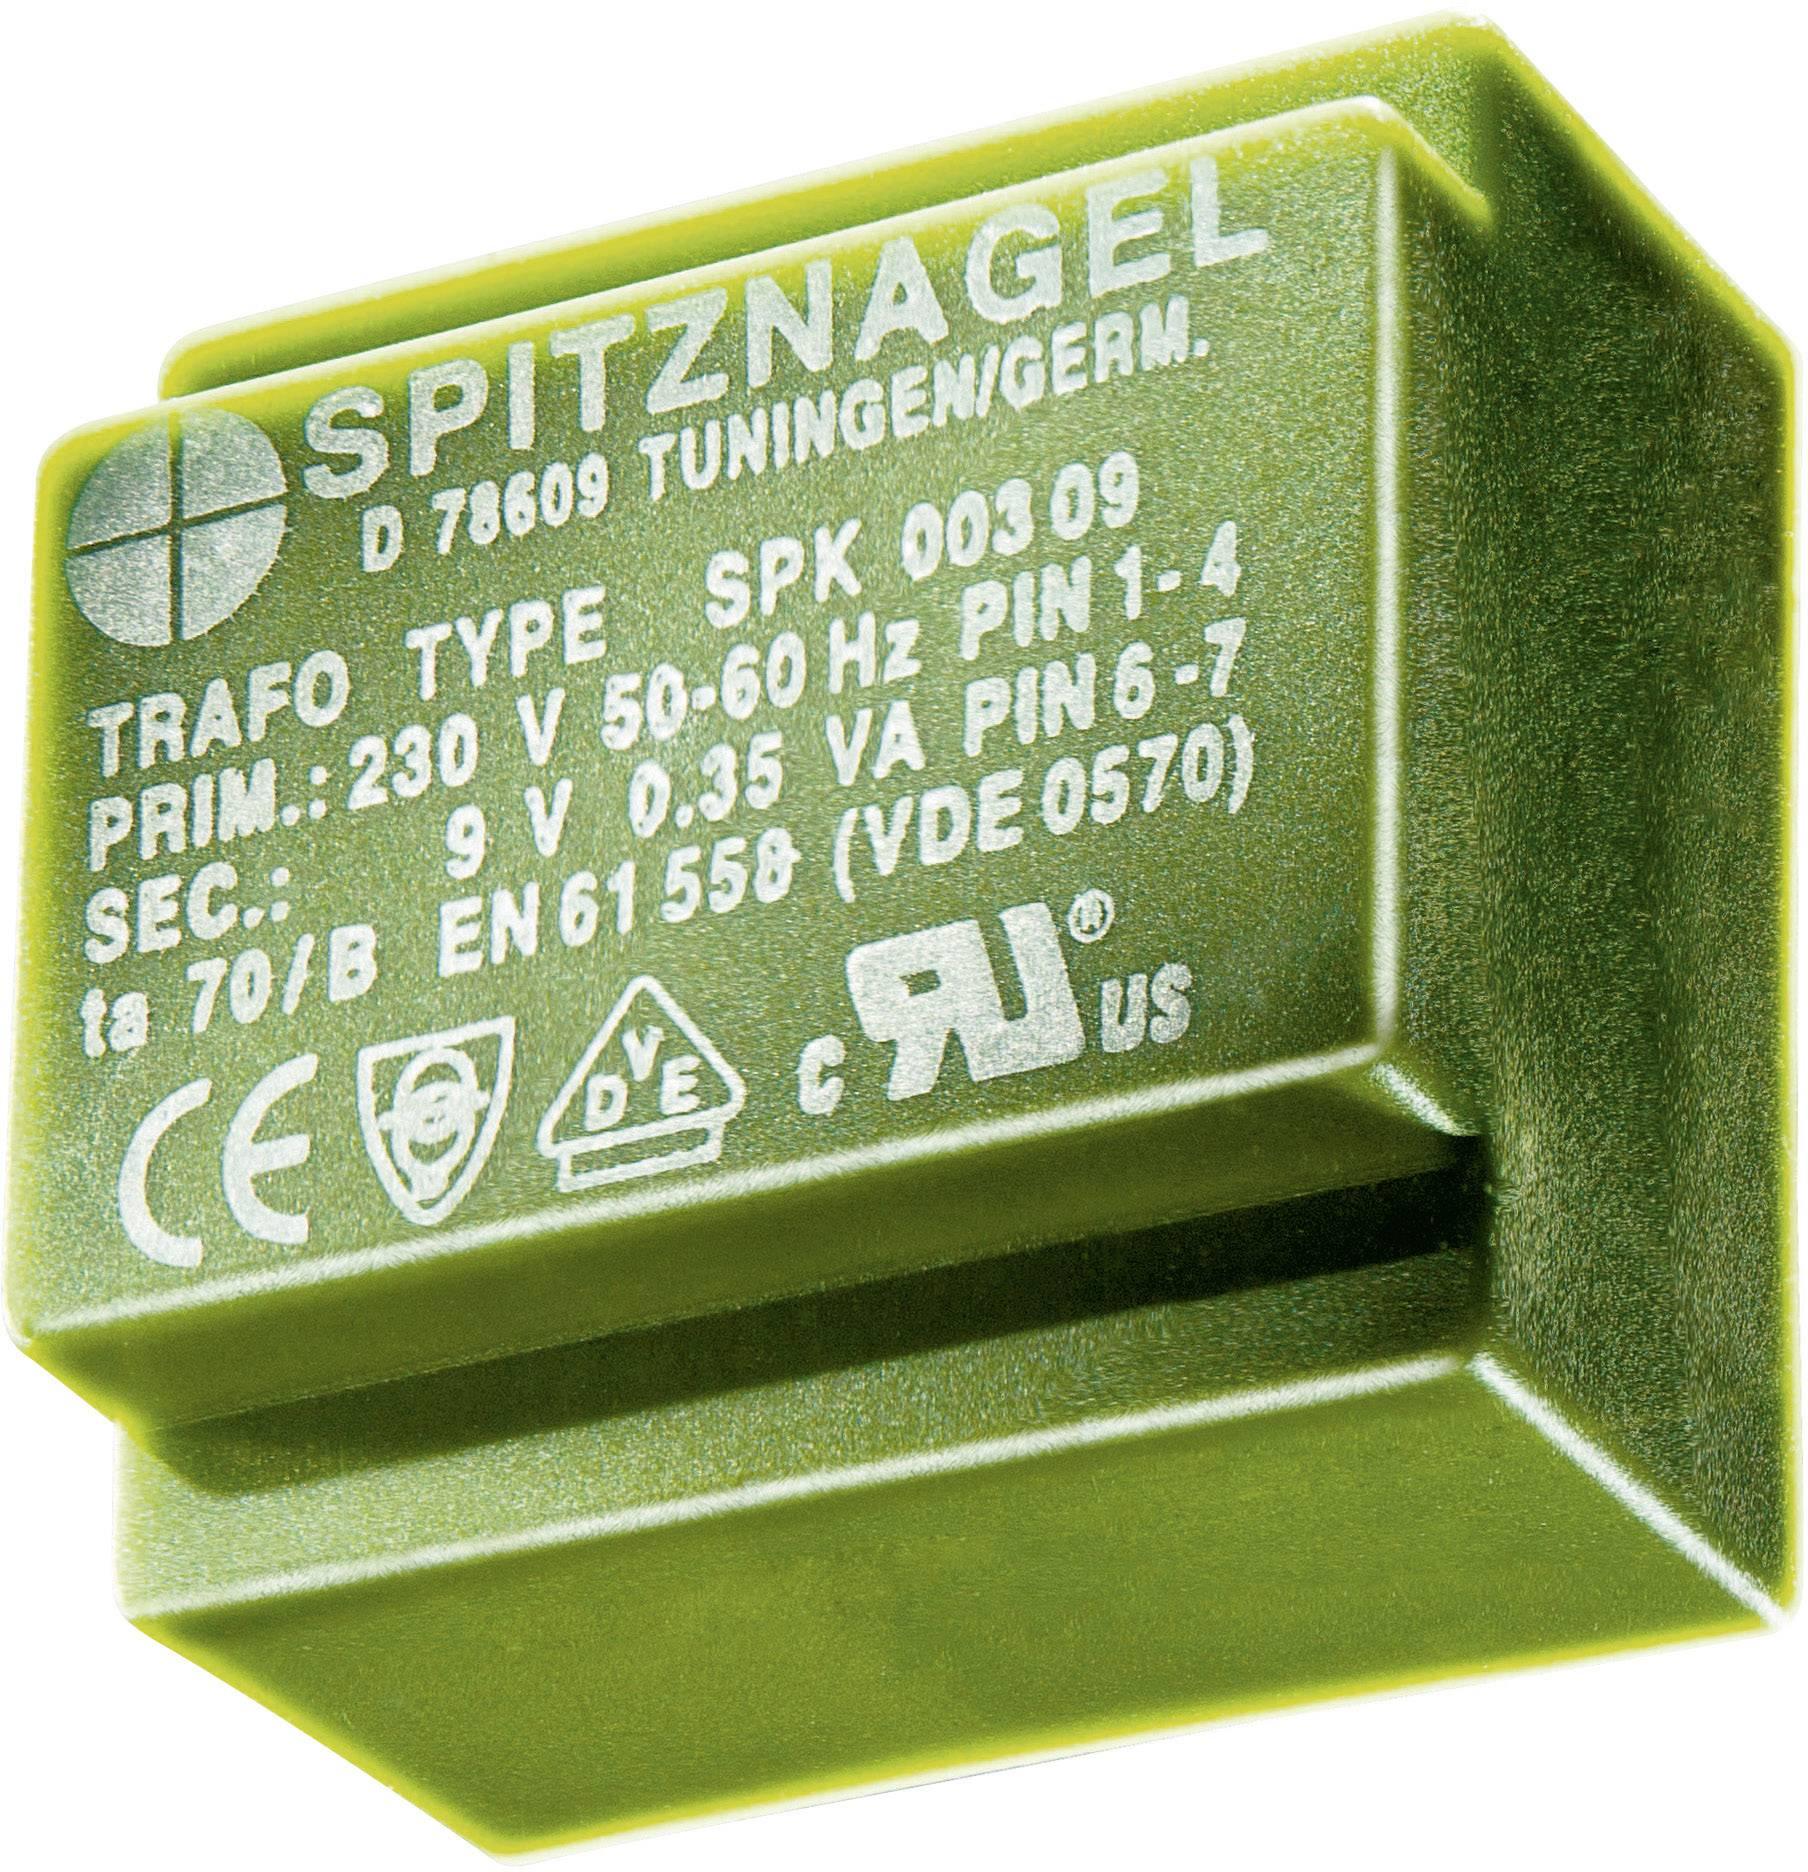 Transformátor do DPS Spitznagel El 42/15, 230 V/9 V, 611 mA, 5,5 VA